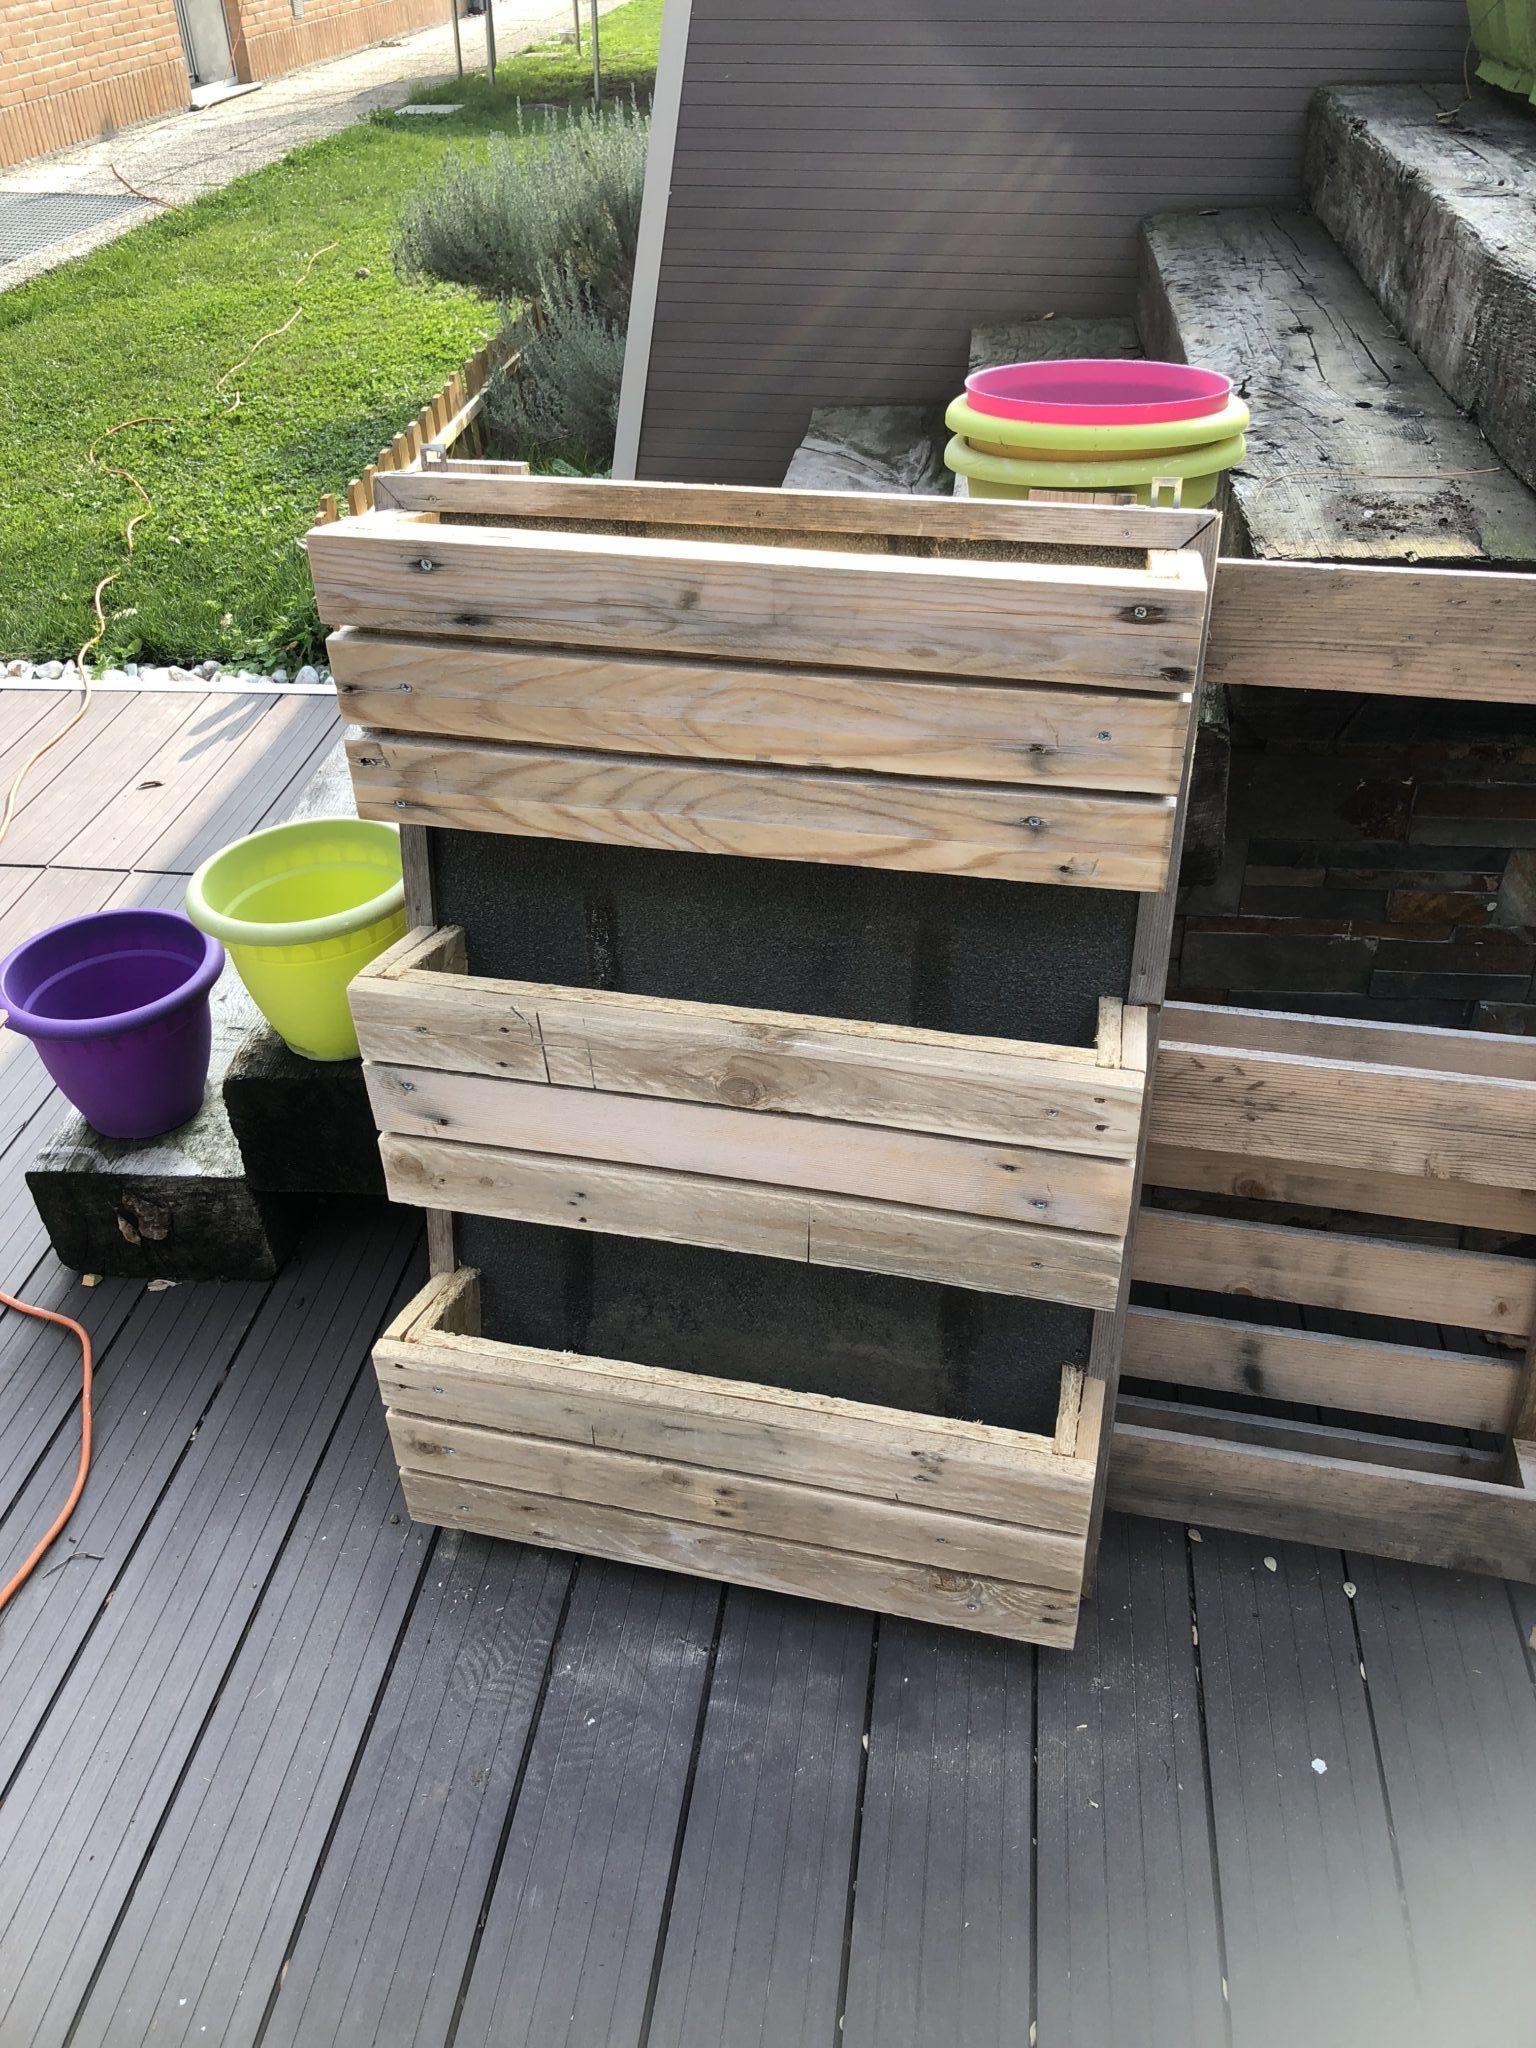 Realizzare un orto verticale per il proprio balcone o terrazzo è ...